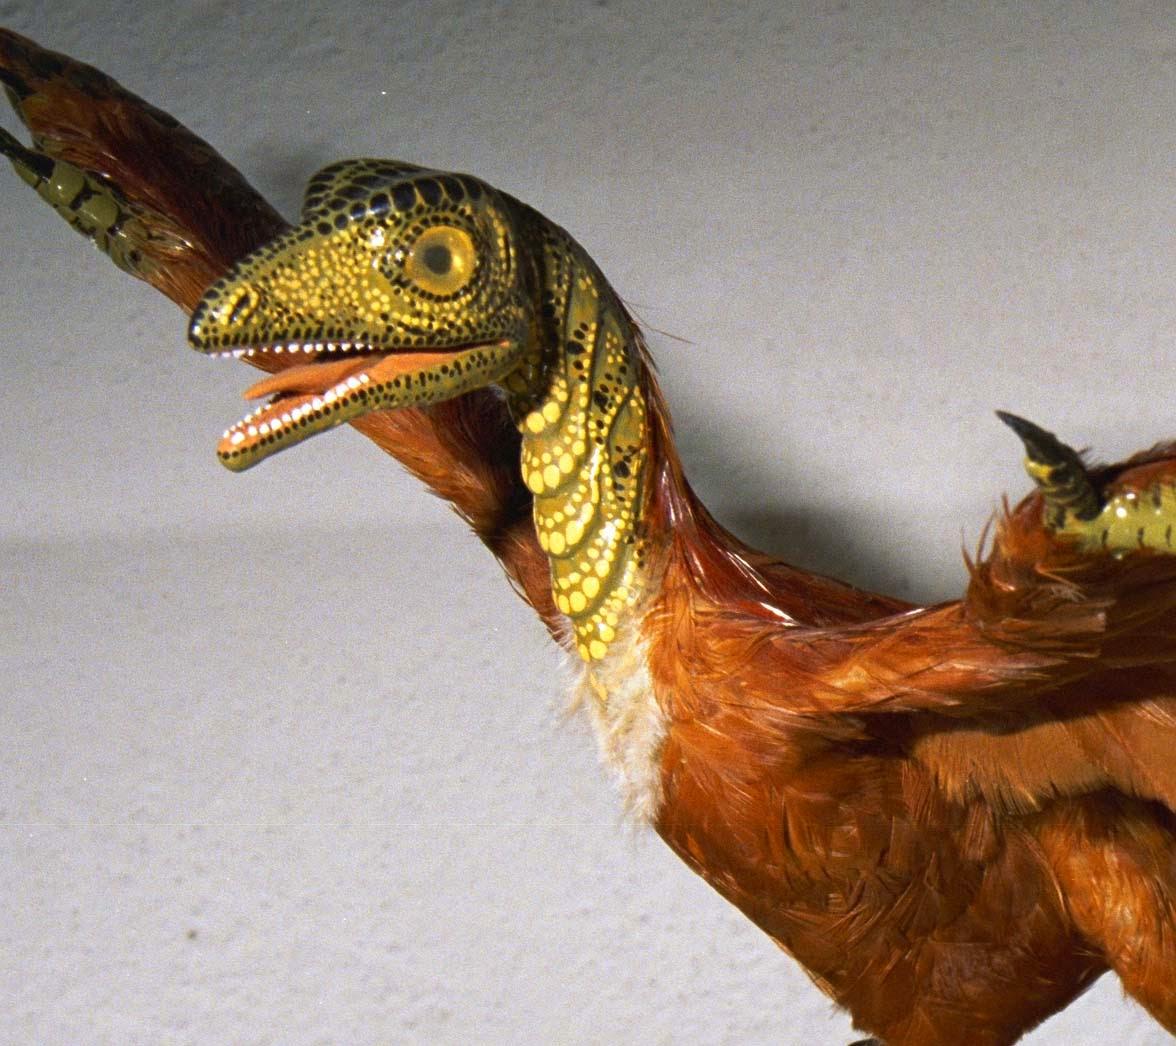 Mô hình của chim thủy tổ này có vảy trên đầu, mặc dù các nhà khoa học chưa bao giờ tìm thấy vảy trong hóa thạch của loài này. (Ảnh do Tiến sĩ Carl Werner cung cấp)